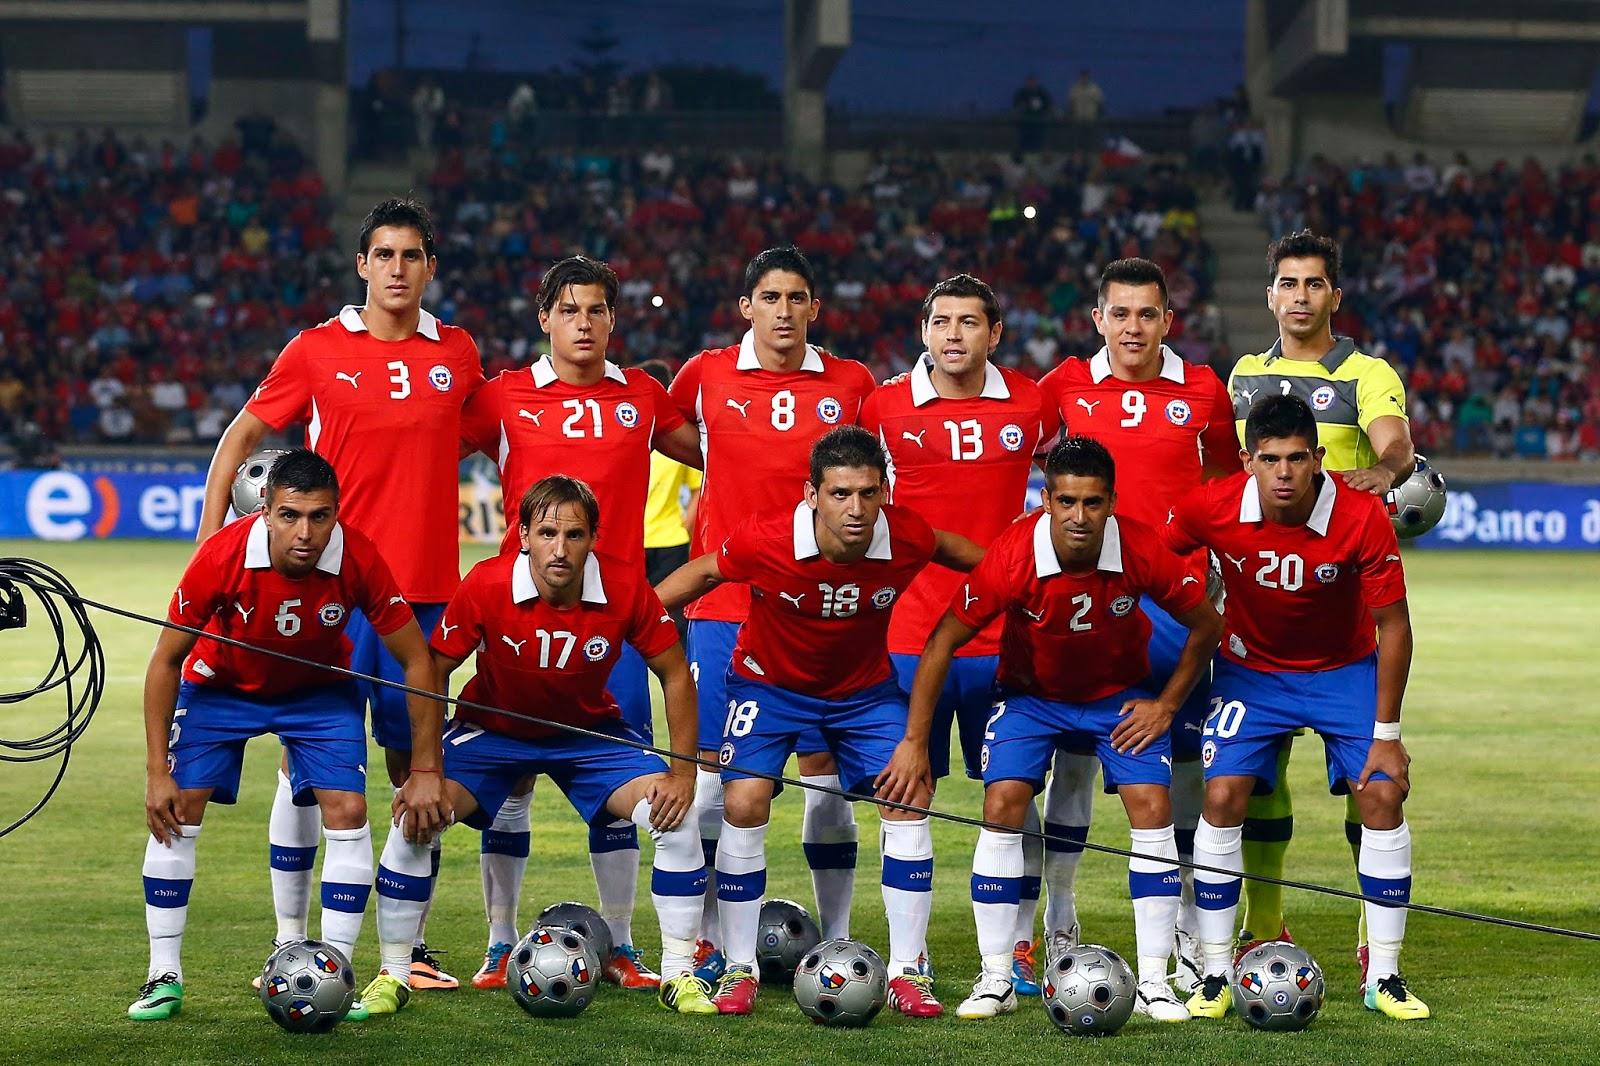 Formación de Chile ante Costa Rica, amistoso disputado el 22 de enero de 2014